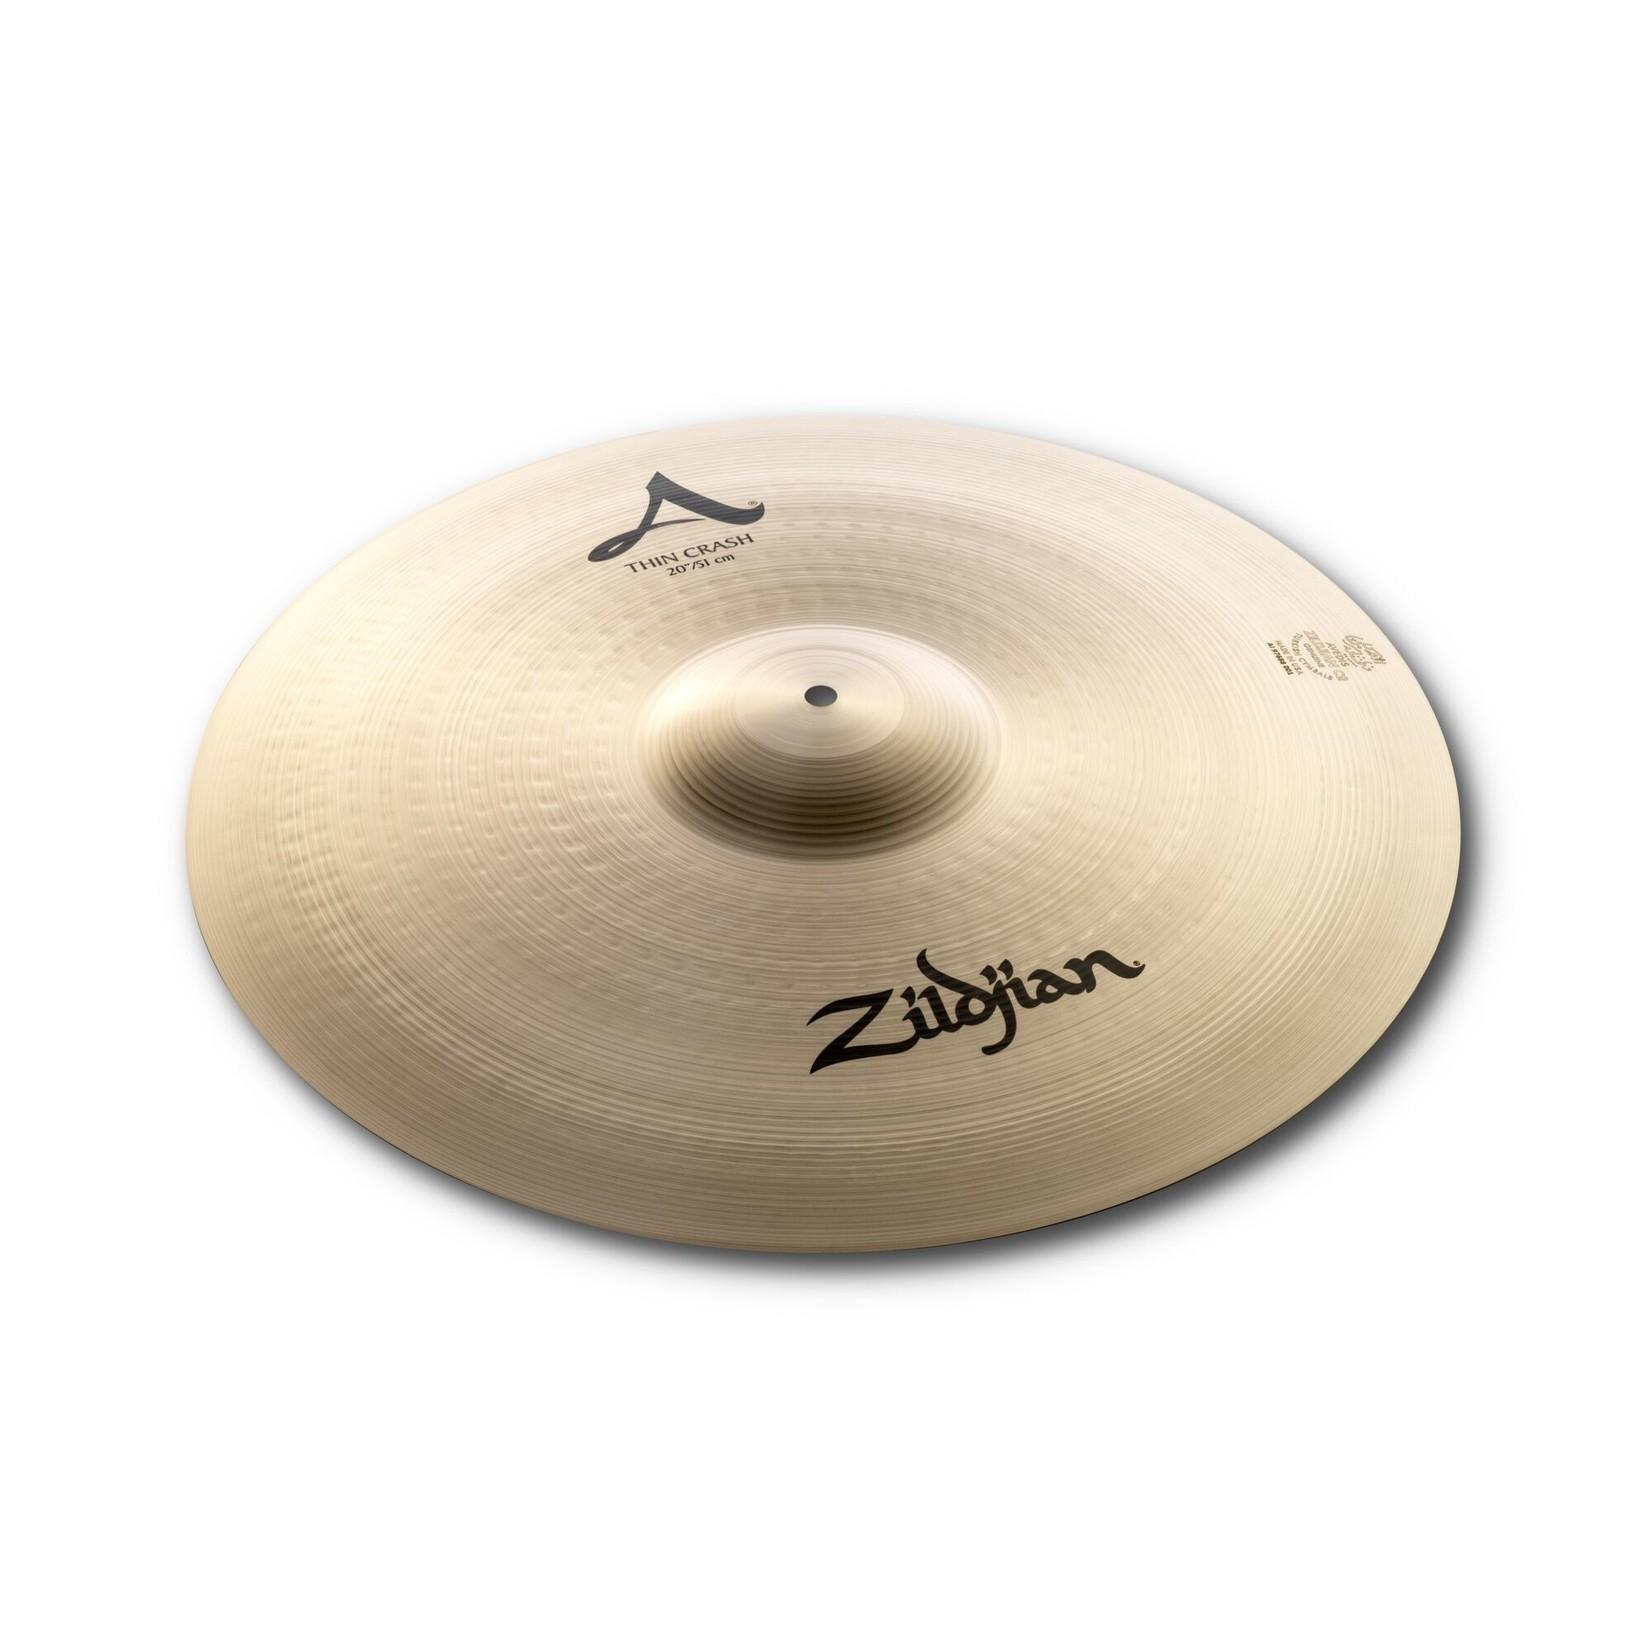 Zildjian Zildjian 20'' A Zildjian Thin Crash